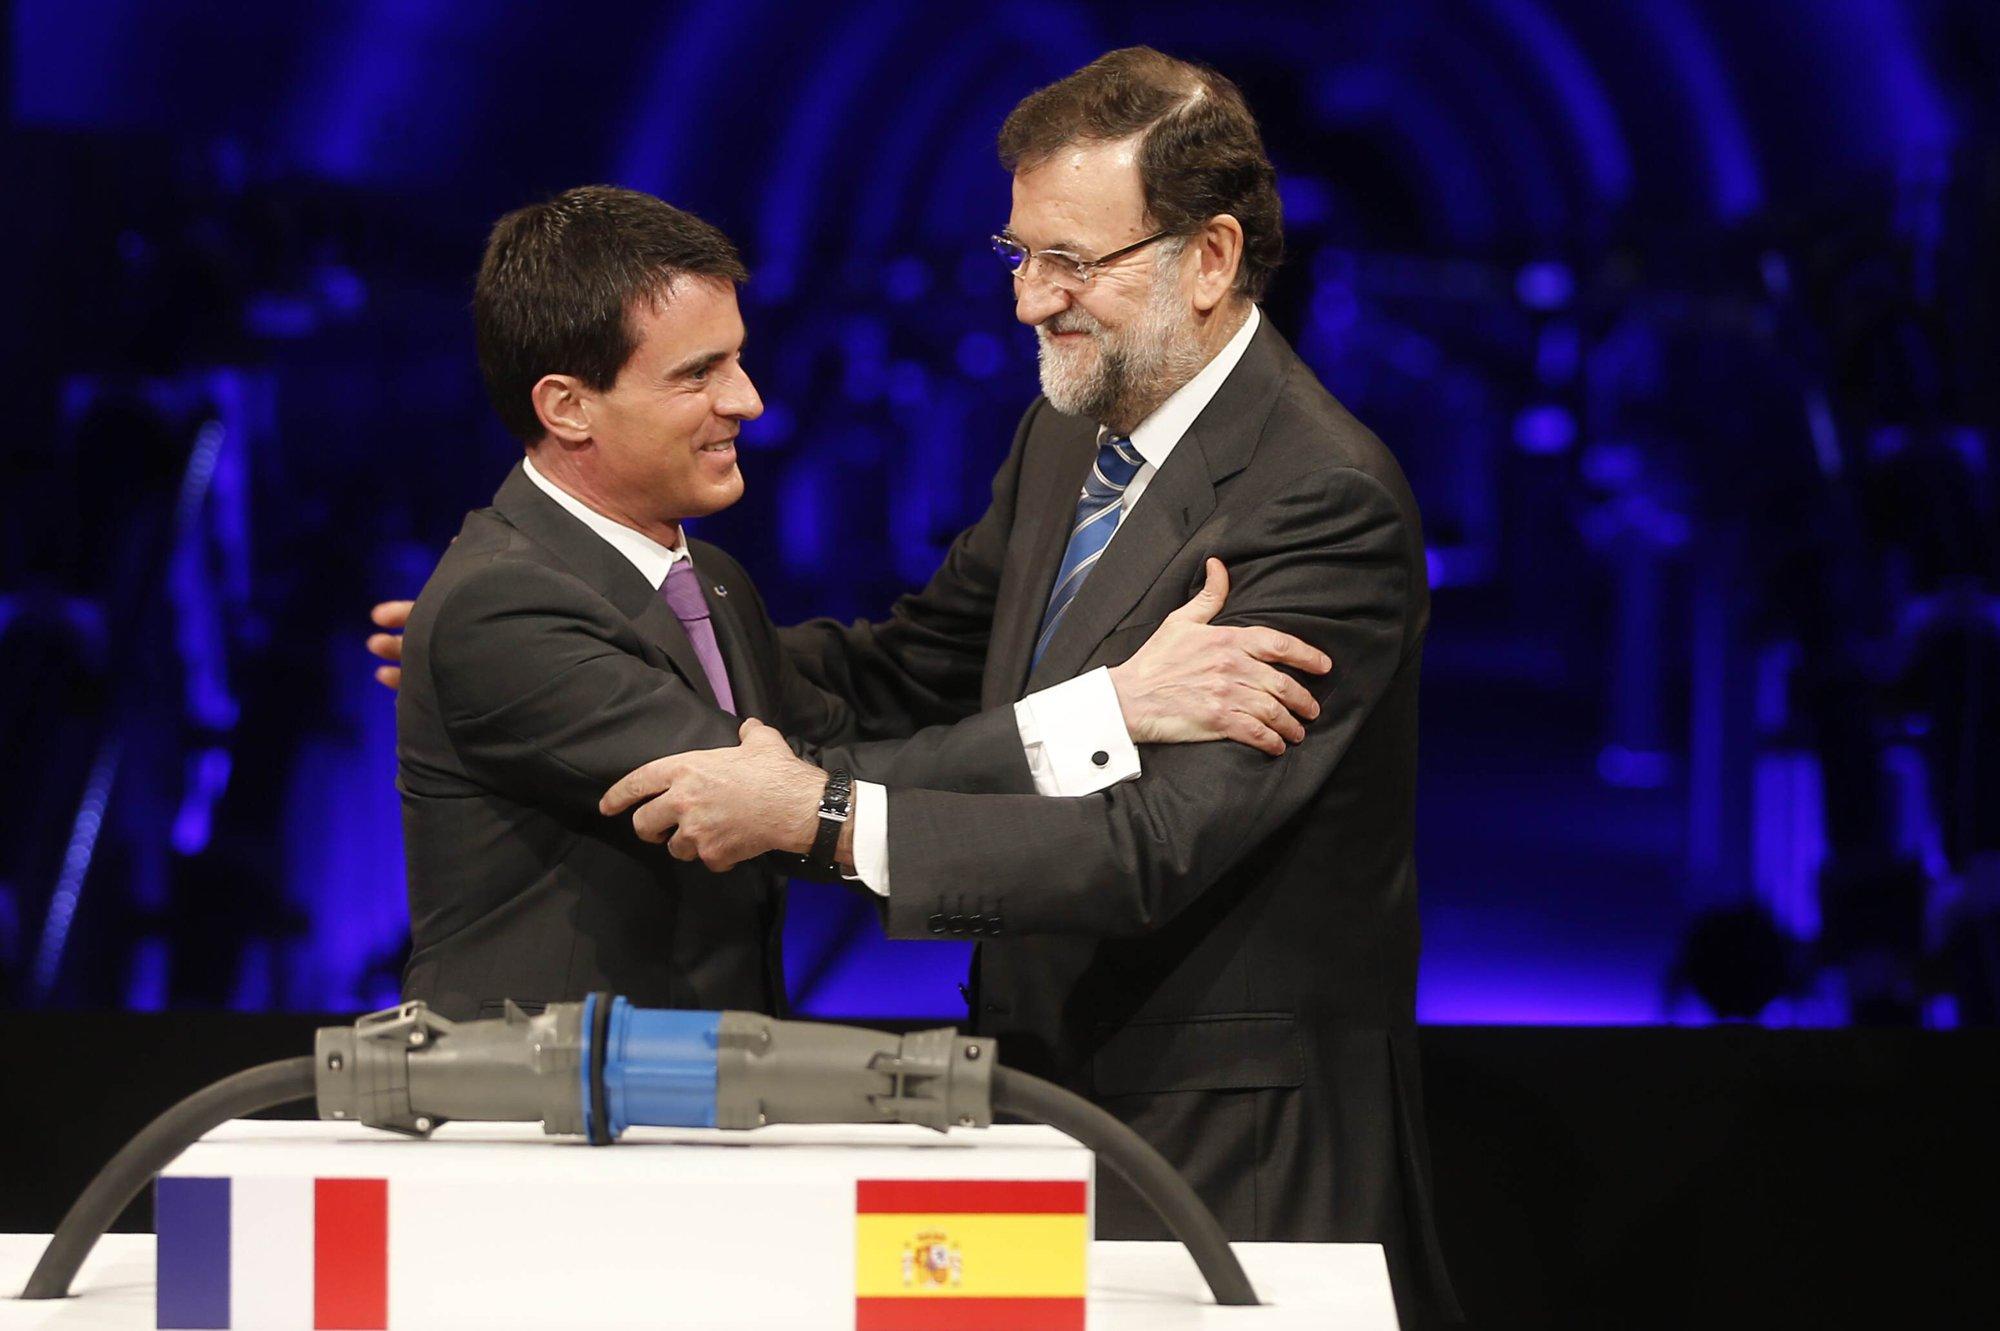 Manuel Valls i Rajoy ACN